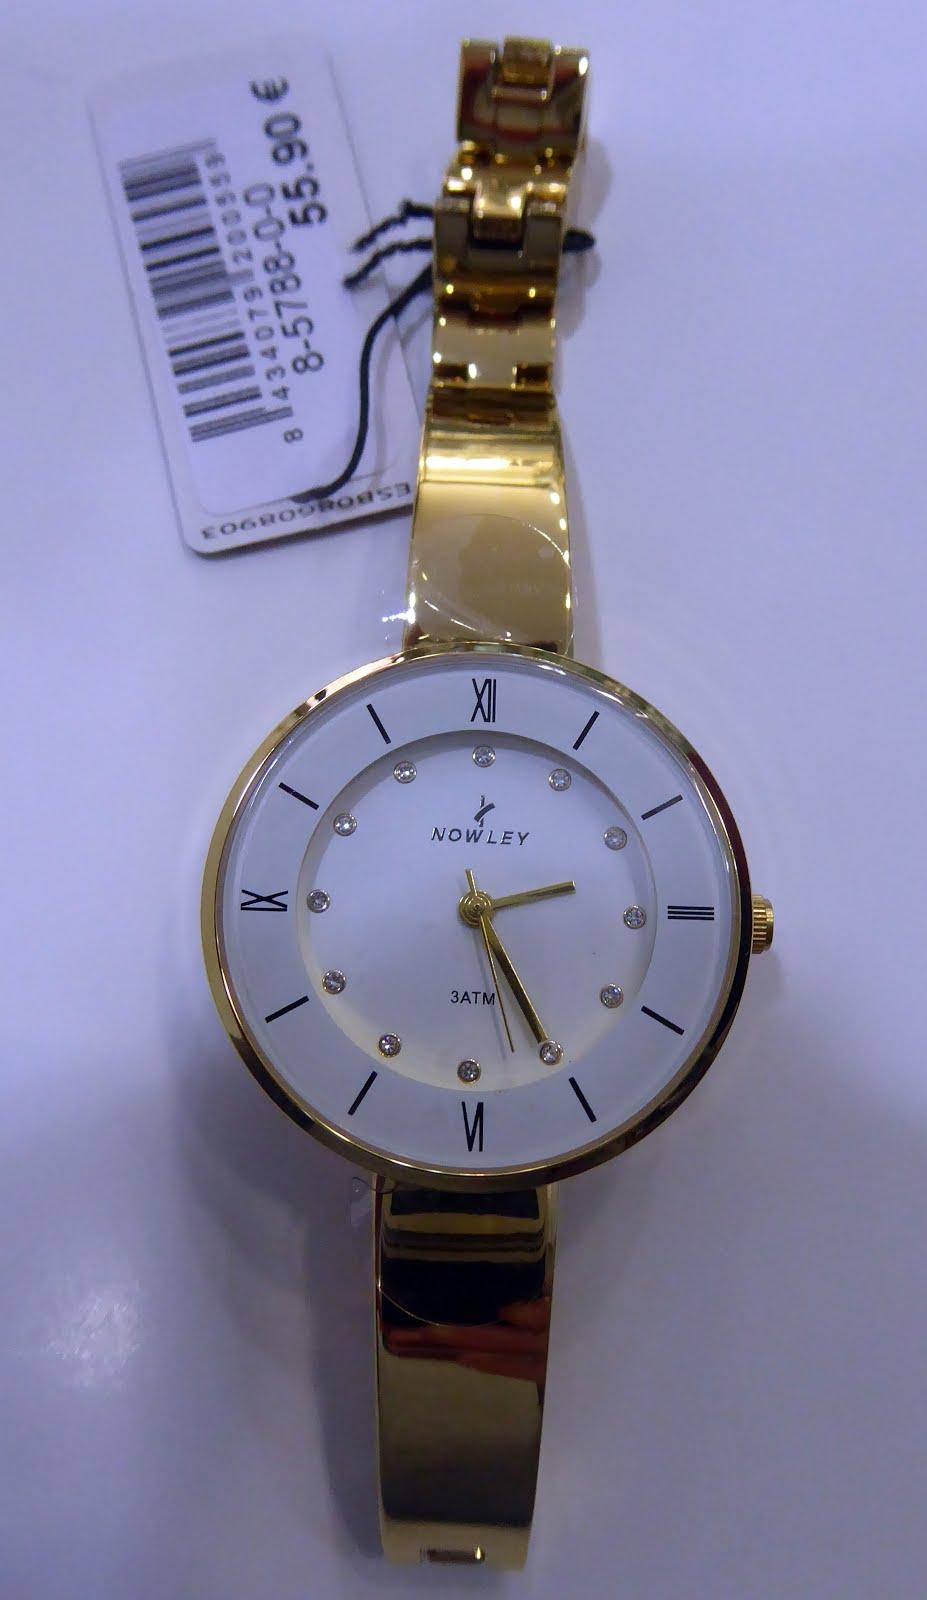 Reloj Nowley señora acero dorado